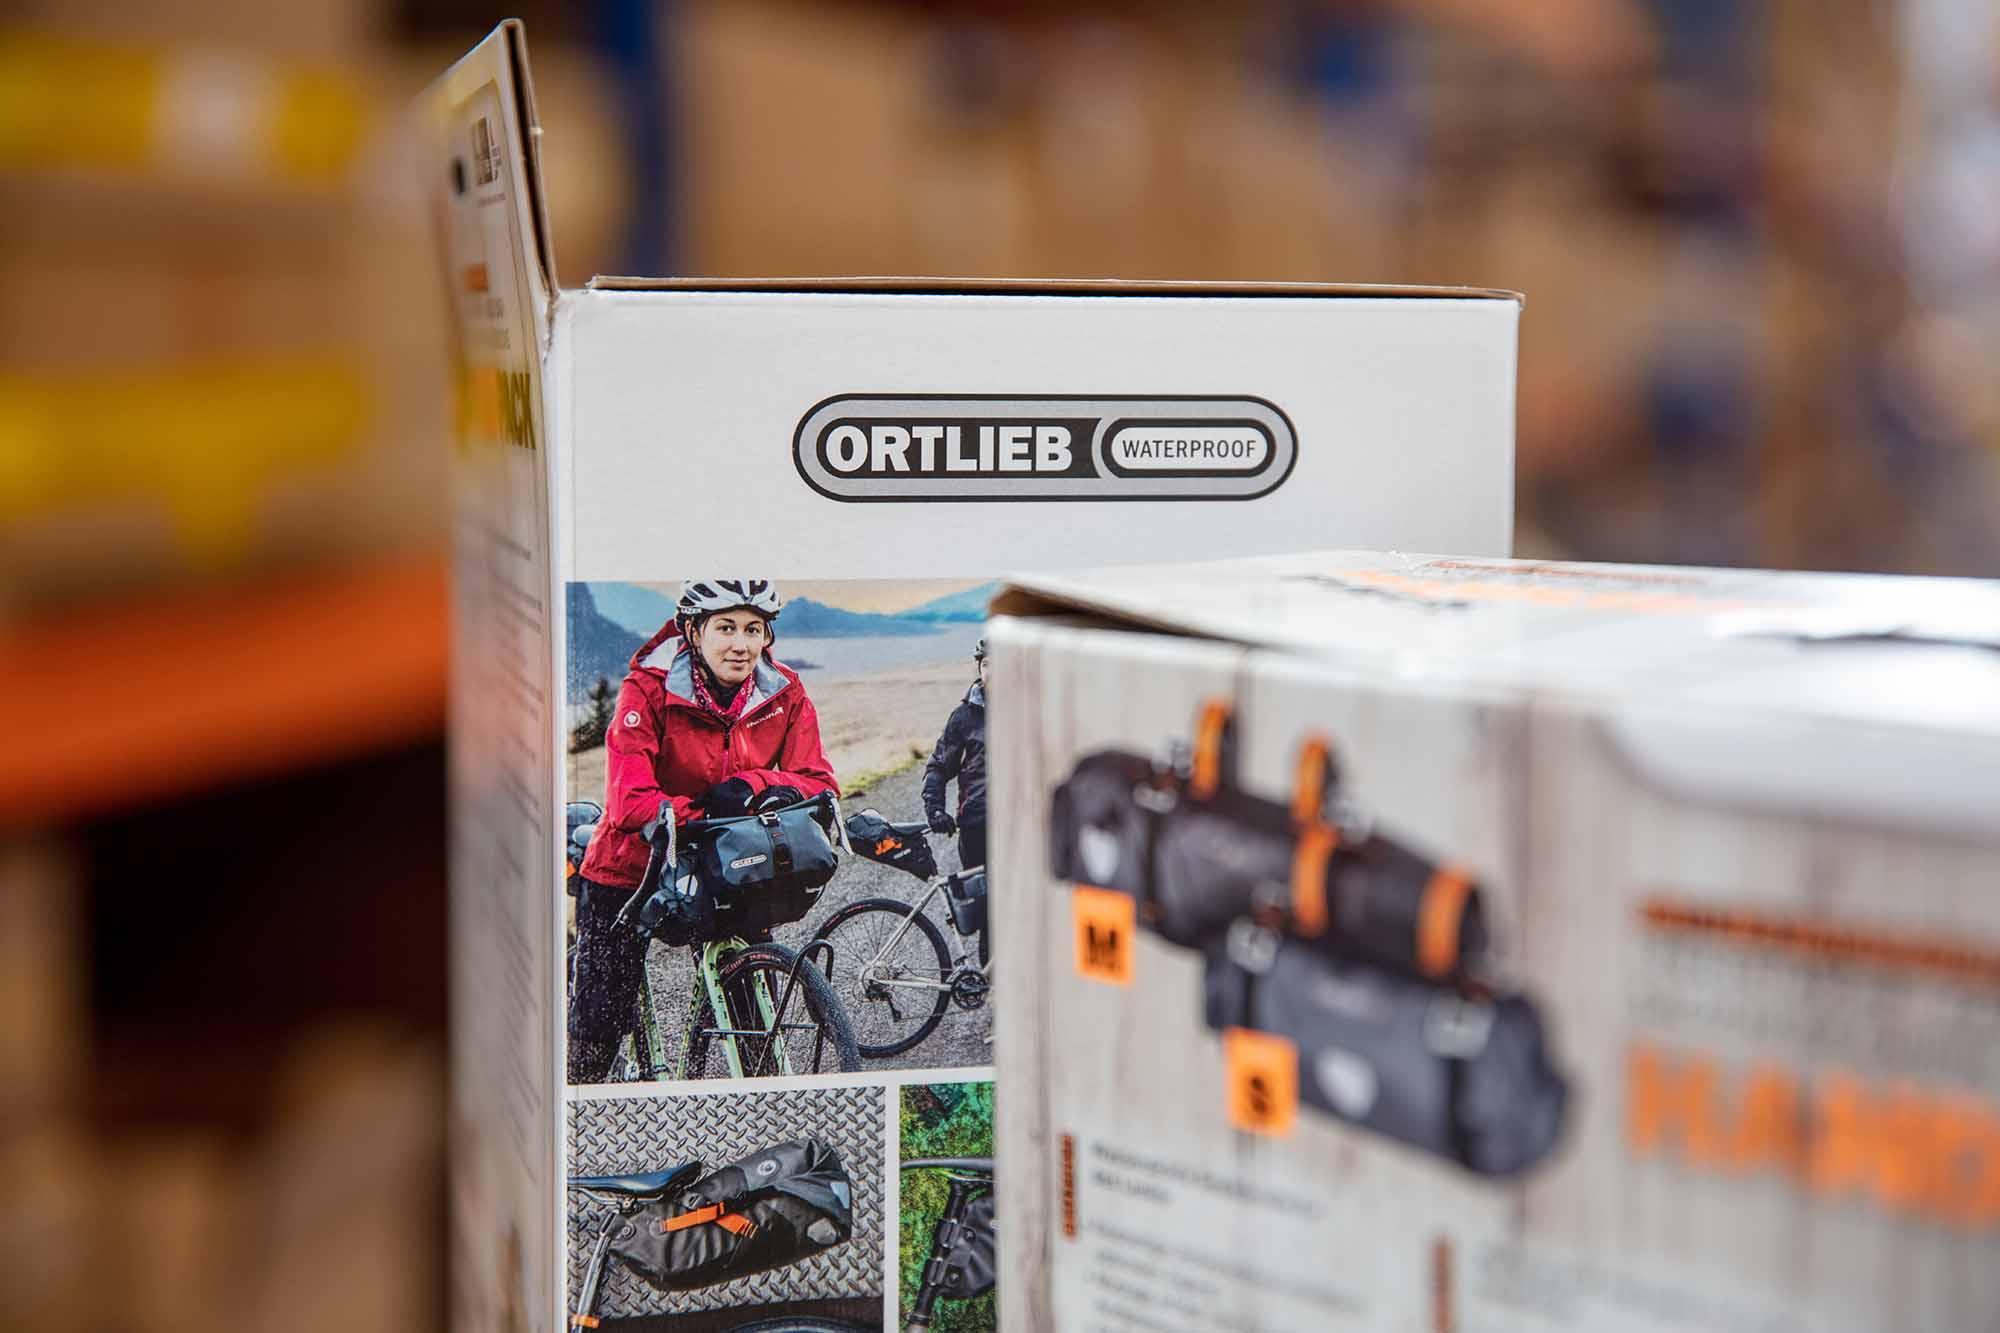 Ortlieb - 100% waterproof